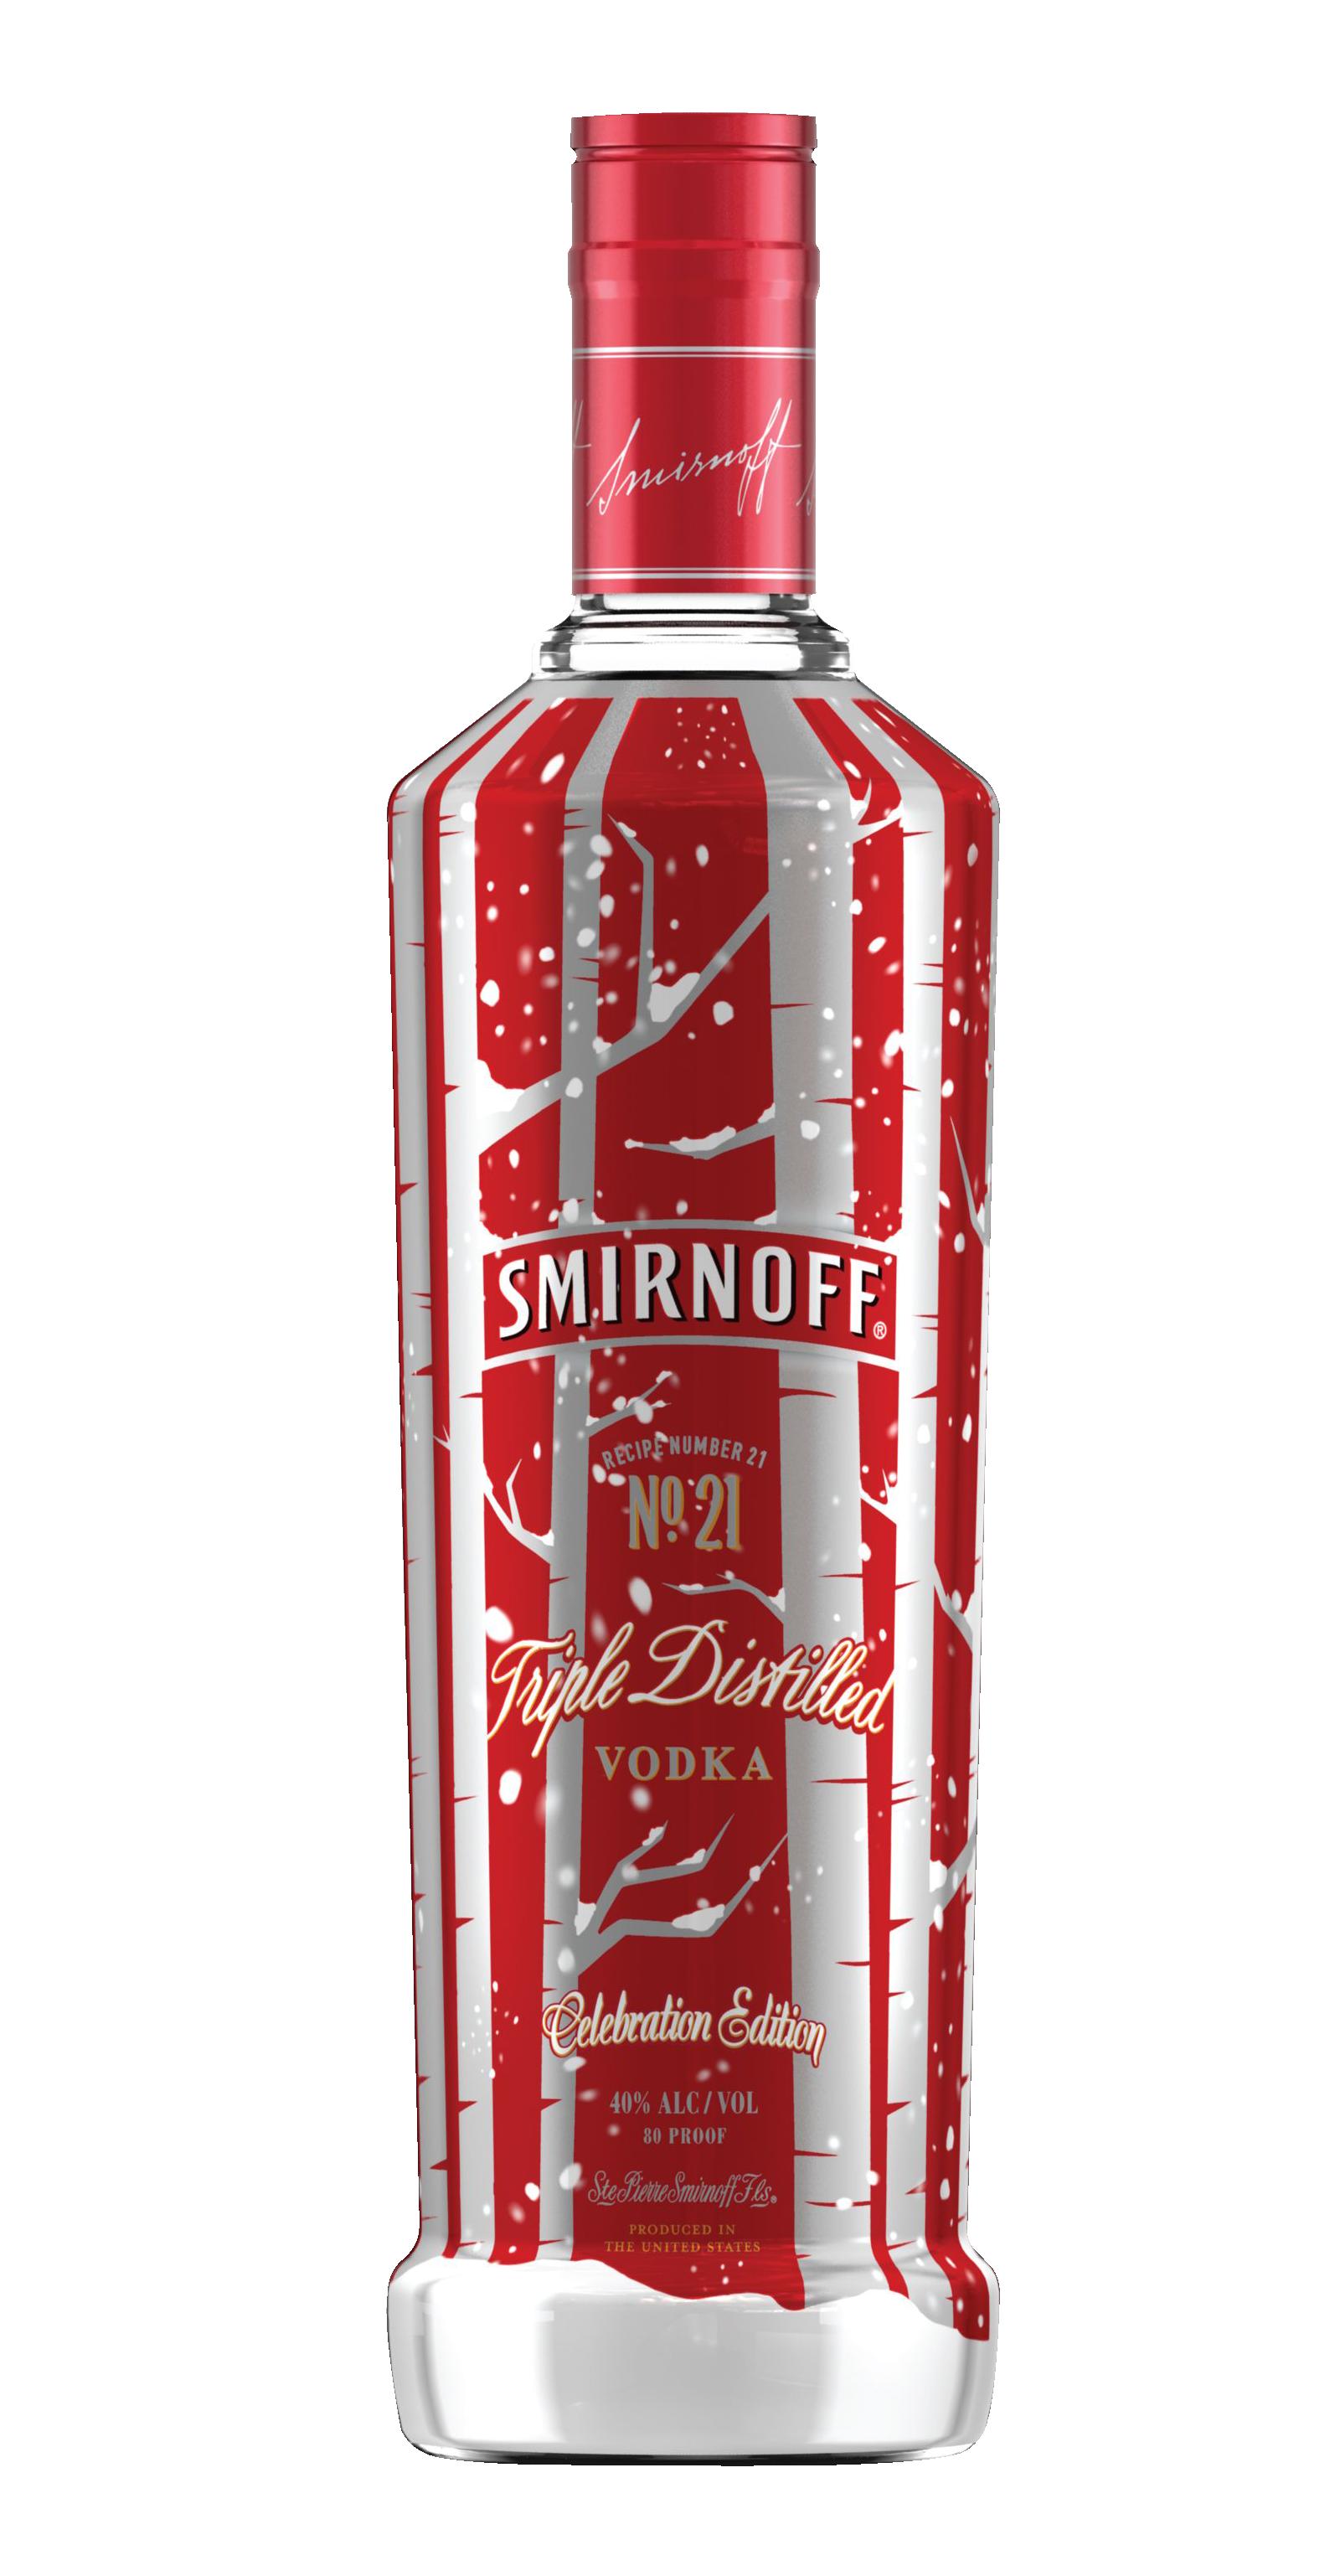 Image purepng free transparent. Vodka bottle png